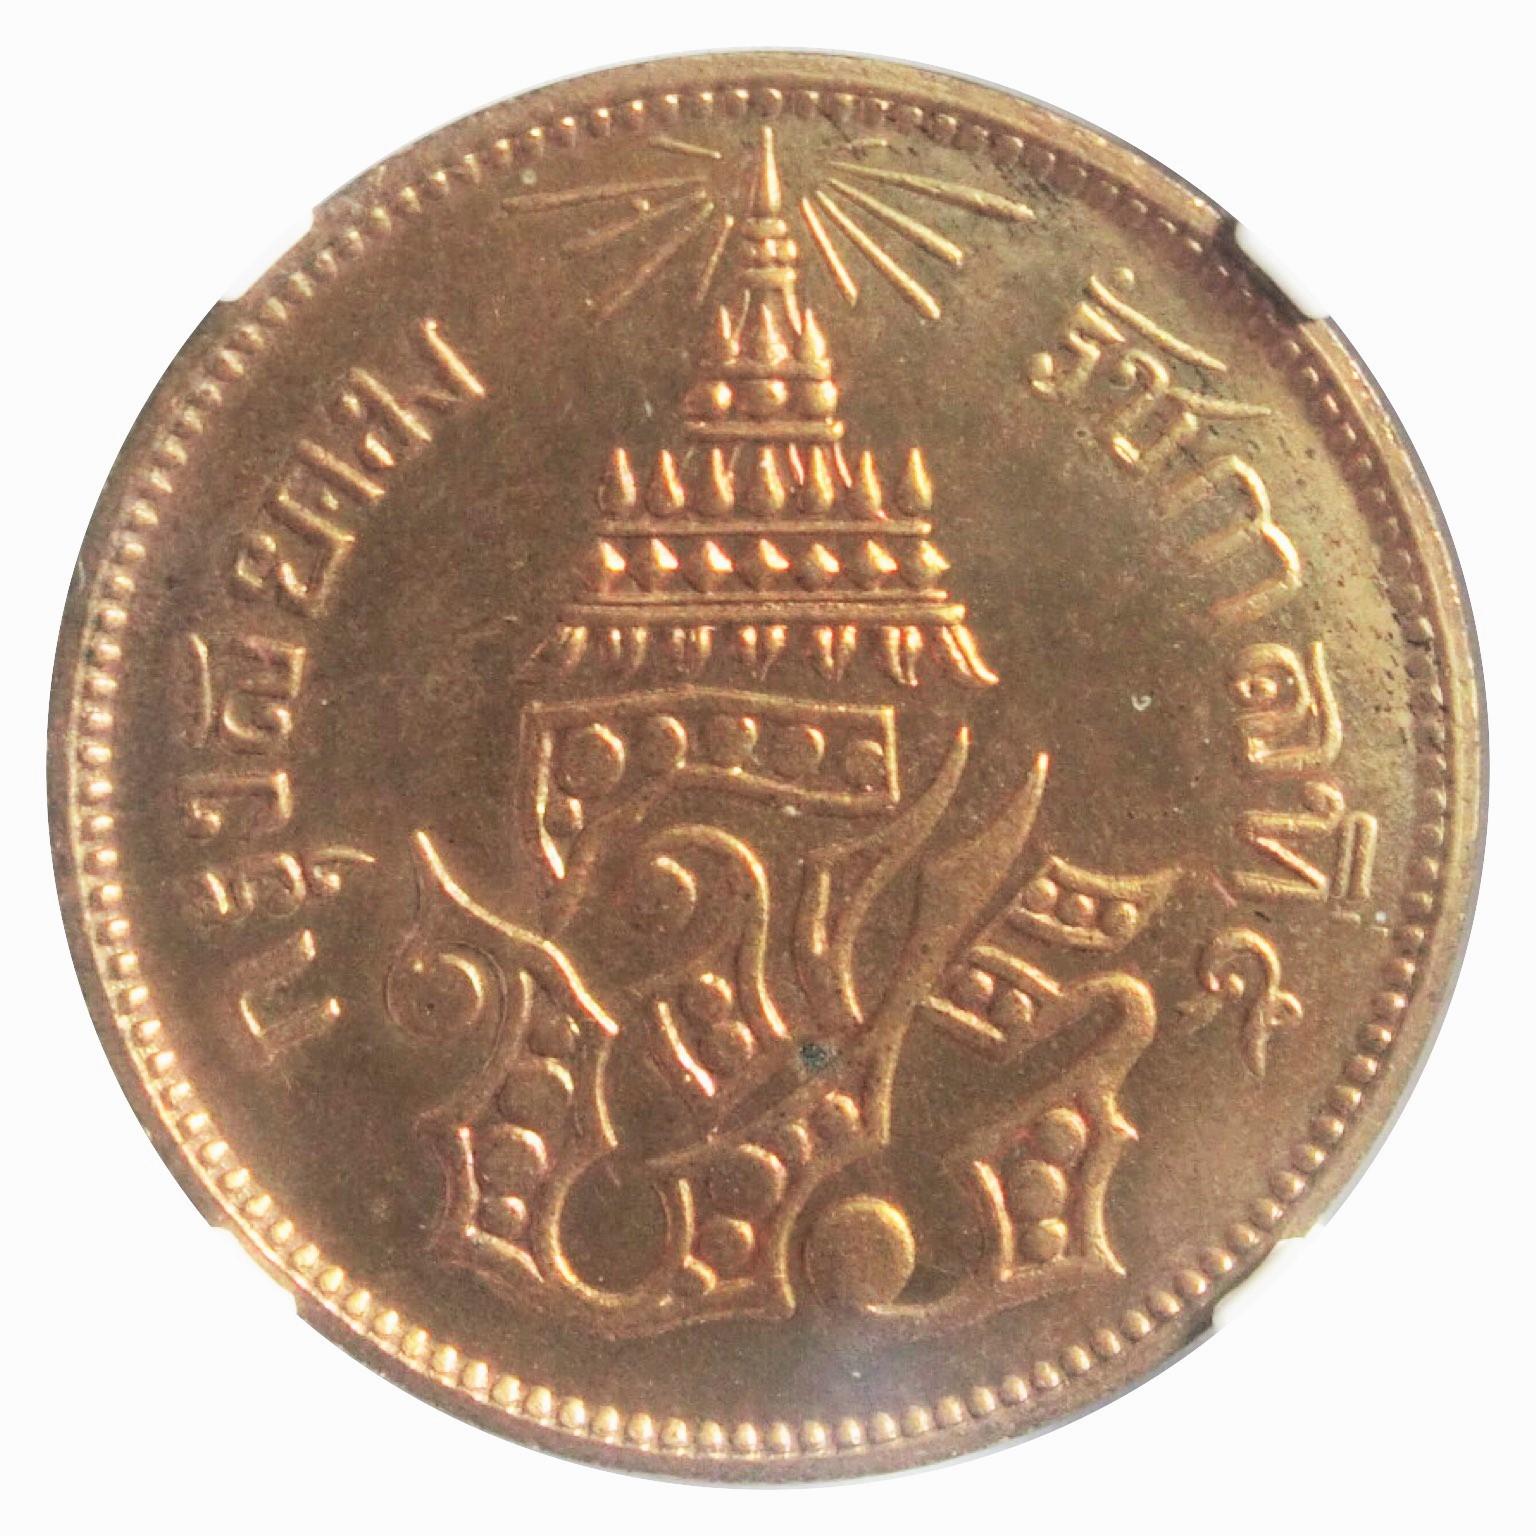 เหรียญกษาปณ์ทองแดง ตรา จปร ชนิดราคาเซี่ยว (๒อัฐ)